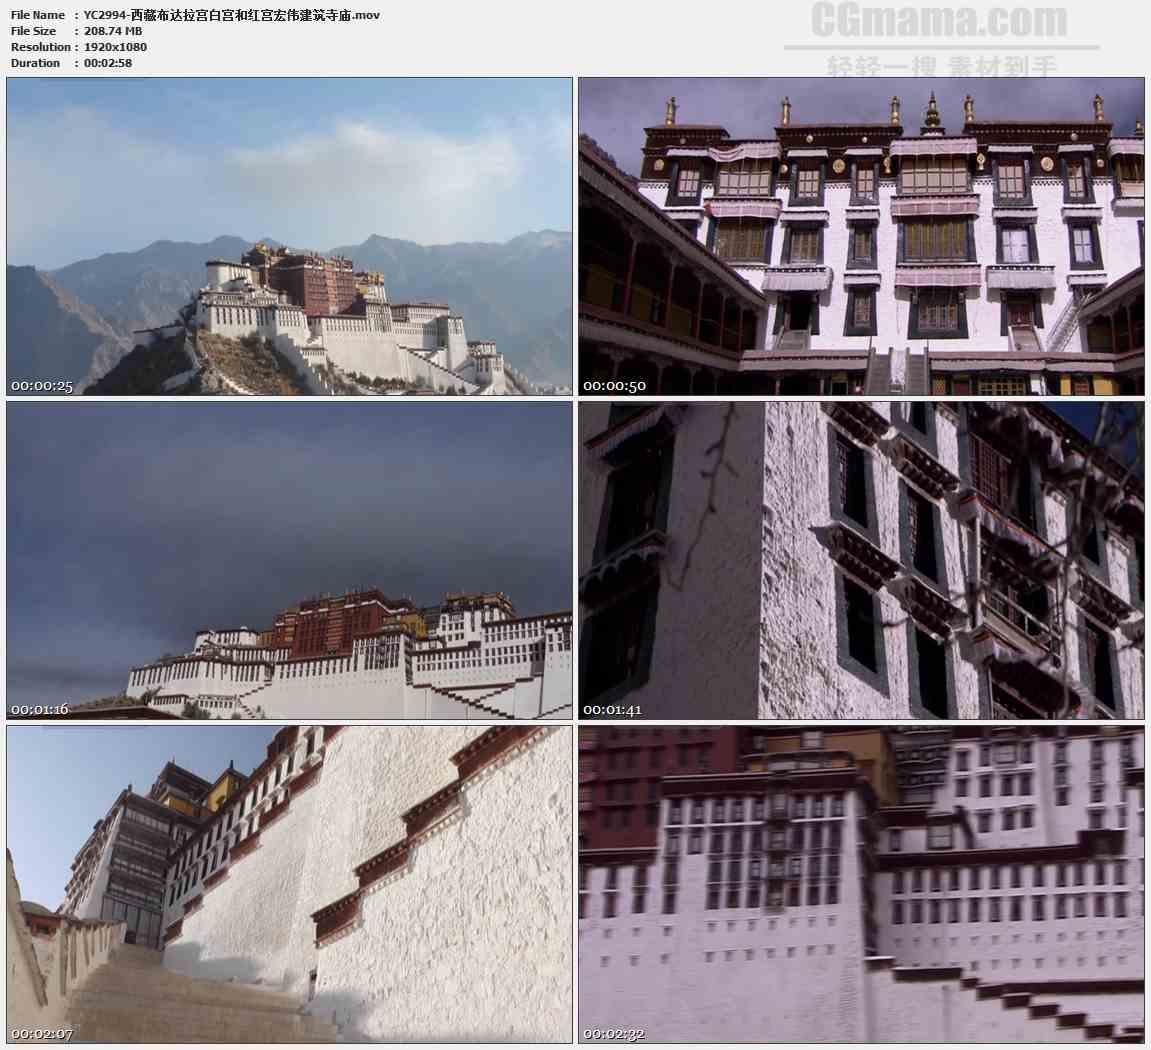 YC2994-西藏布达拉宫白宫和红宫宏伟建筑寺庙高清实拍视频素材